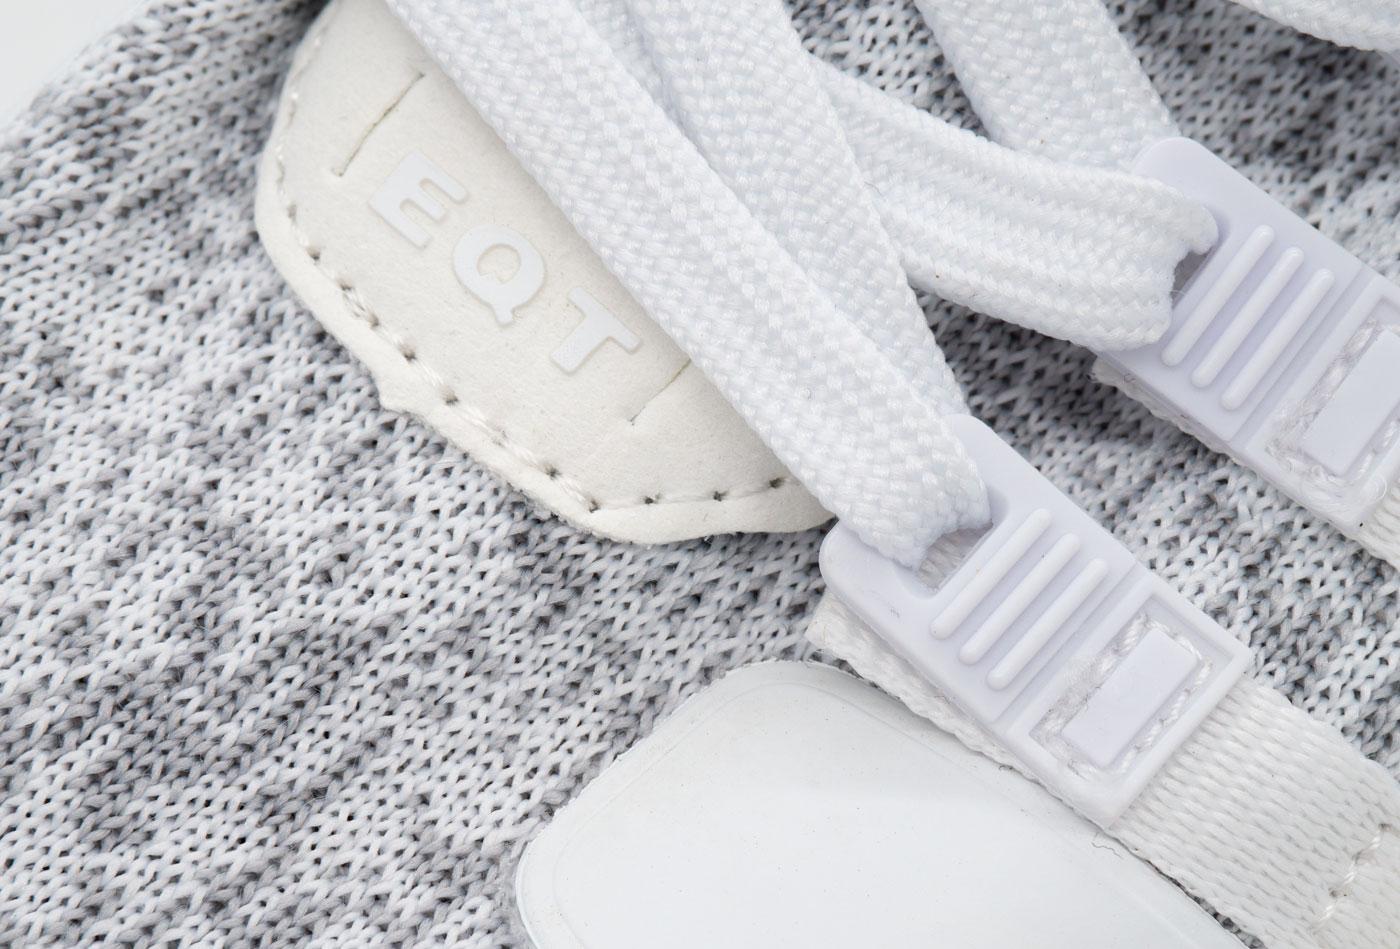 большое фото №5 Кроссовки Adidas Equipment Support (EQT) белые с серым 2. Топ качество!